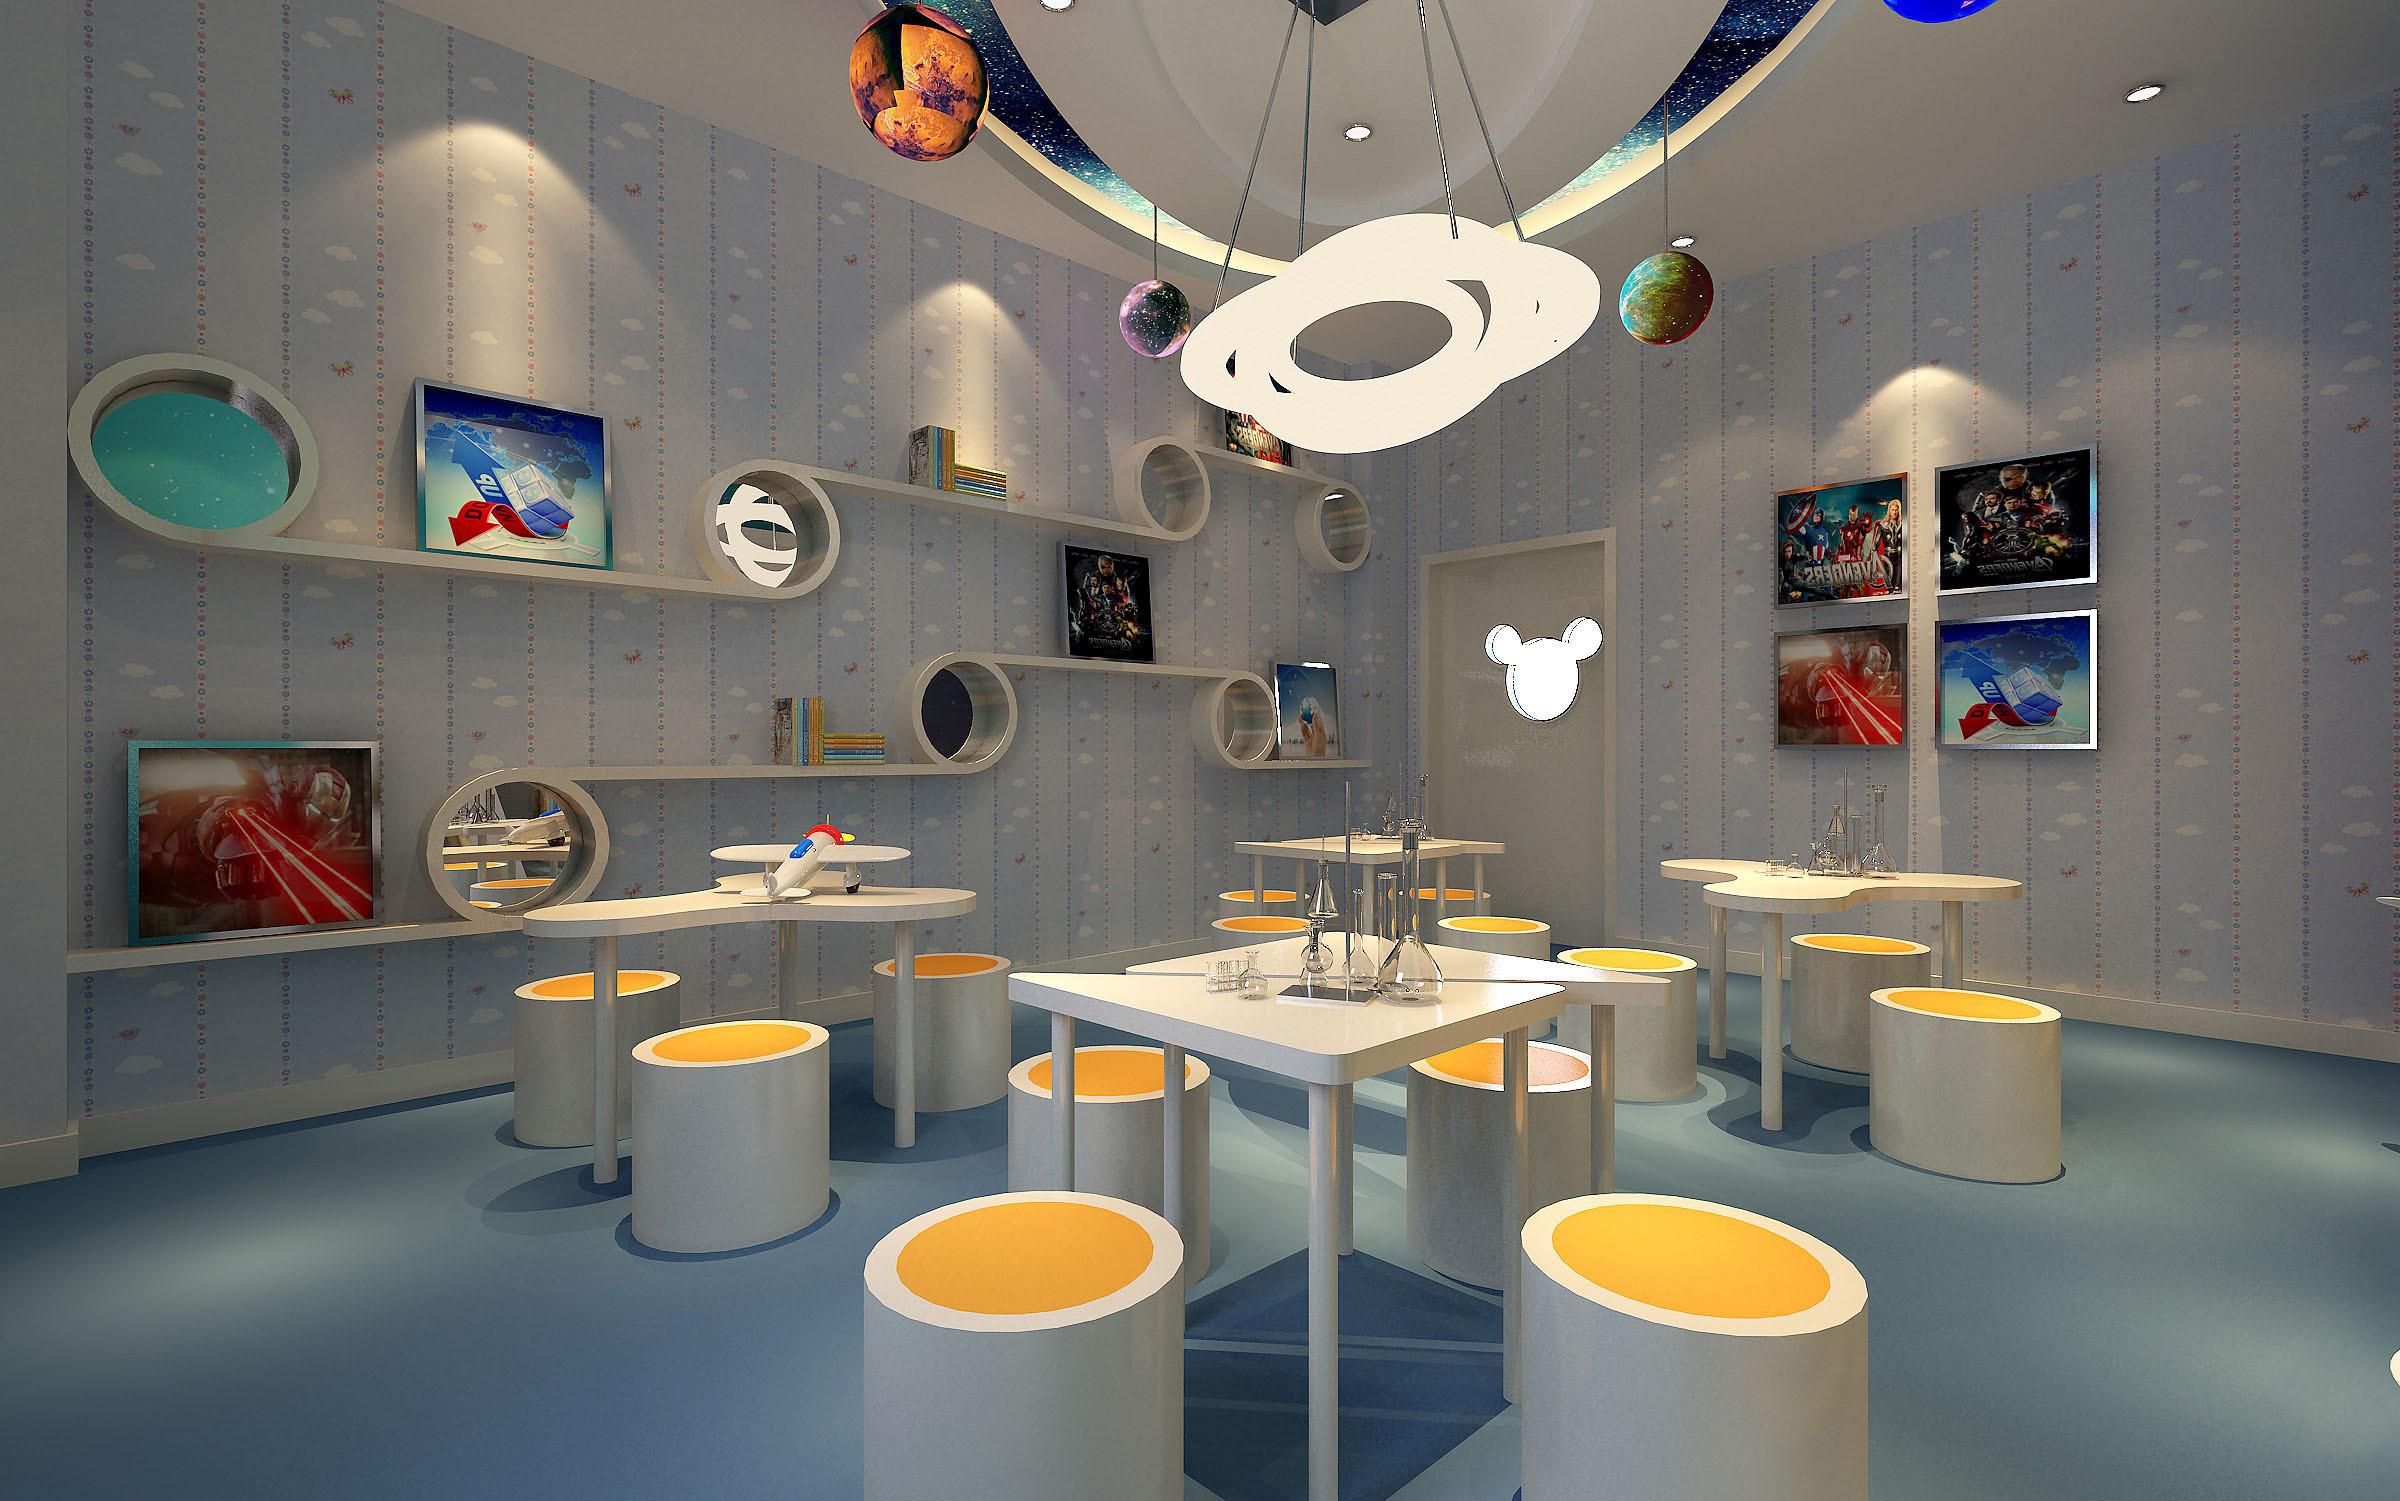 Kindergarten interior design image in 3d -  3d Interior Kindergarten Classroom Photo 23